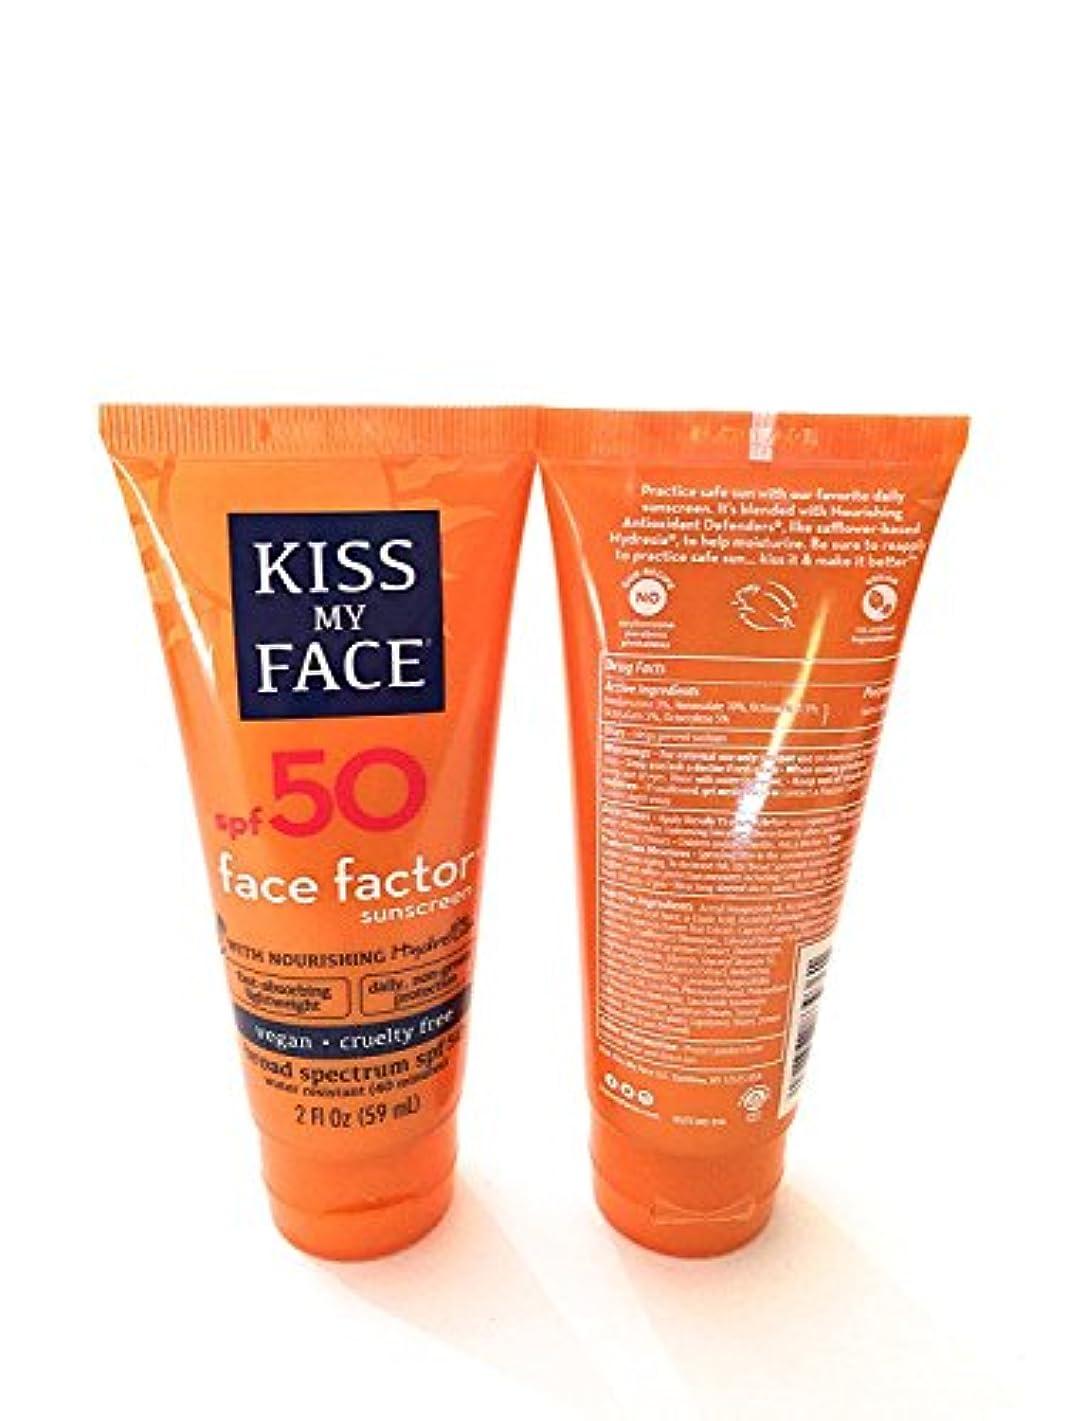 遮る継承予想するKiss My Face Face Factor Face & Neck Sunscreen Protection SPF 50 2 oz (Pack of 2) by Kiss My Face